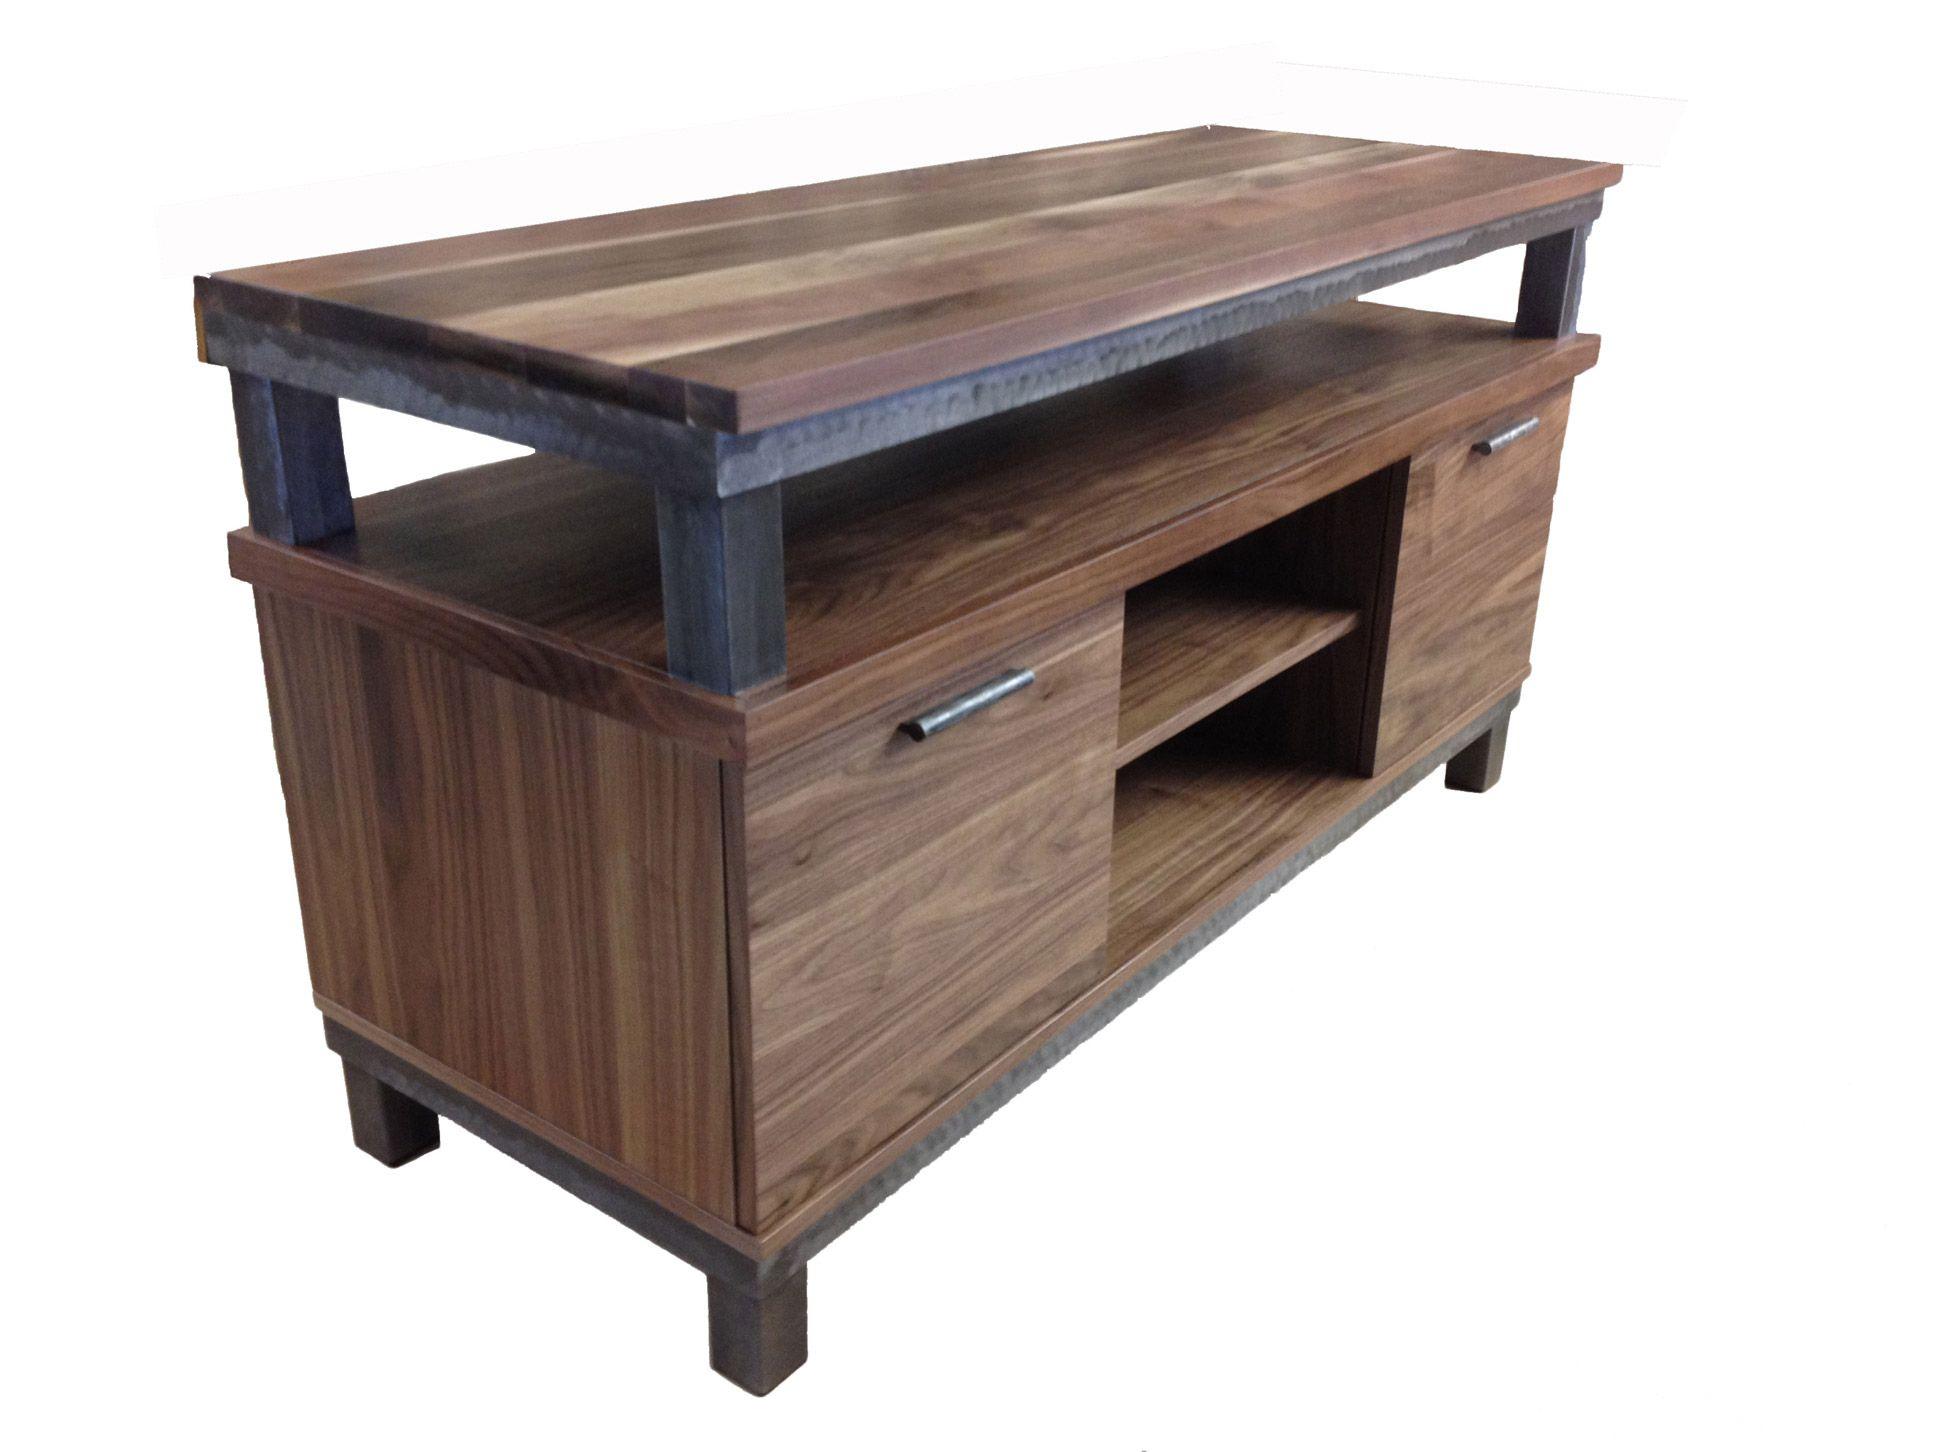 Meuble Tv En Noyer Table Living Room Acier Steel Meuble  # Meuble Tv Noyer Design